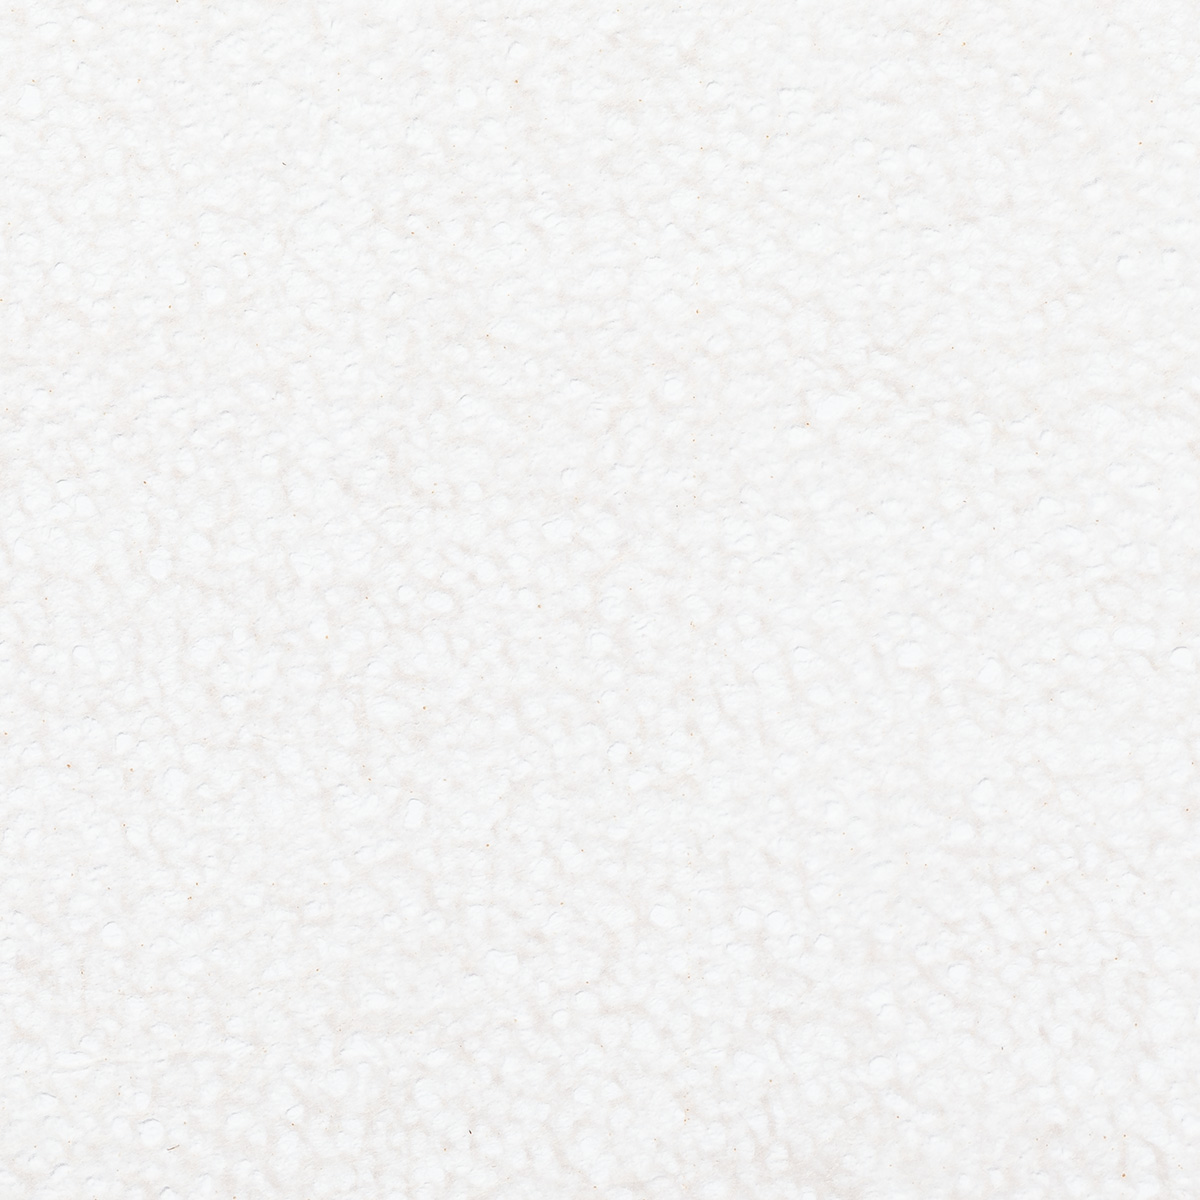 落水紙(春雨)無地染め No.11